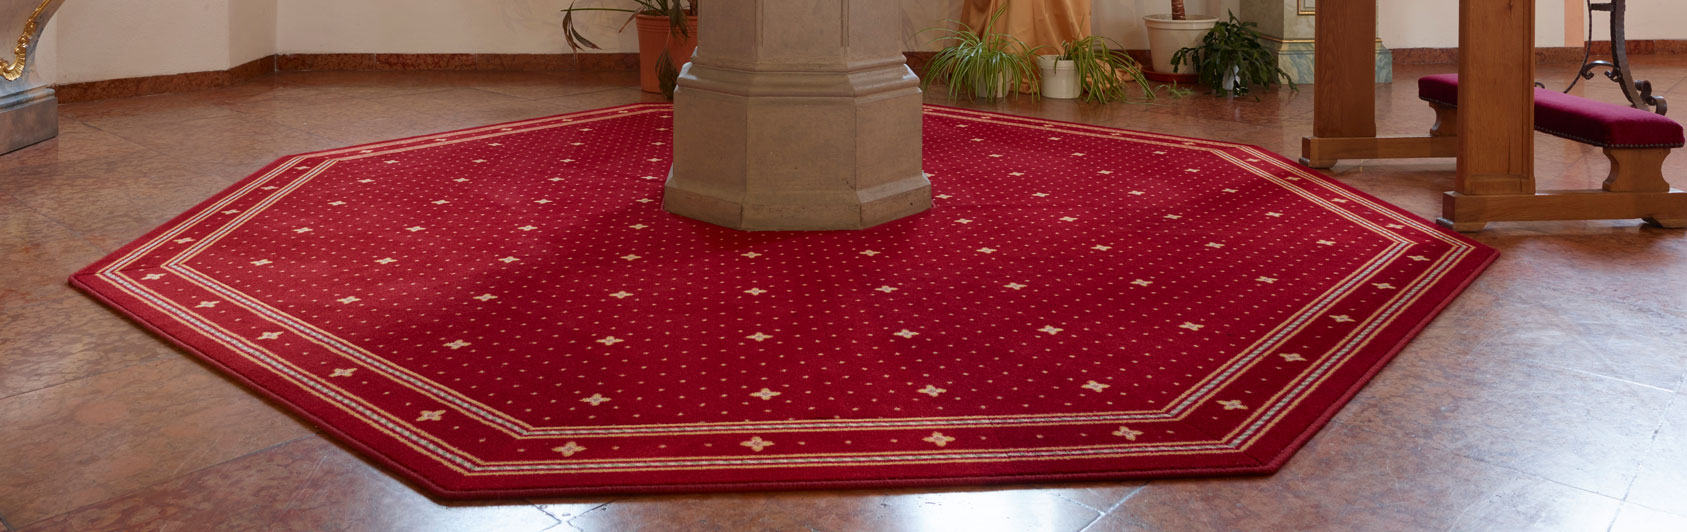 tapis d'église Capitol fonts baptismaux Lisdorf